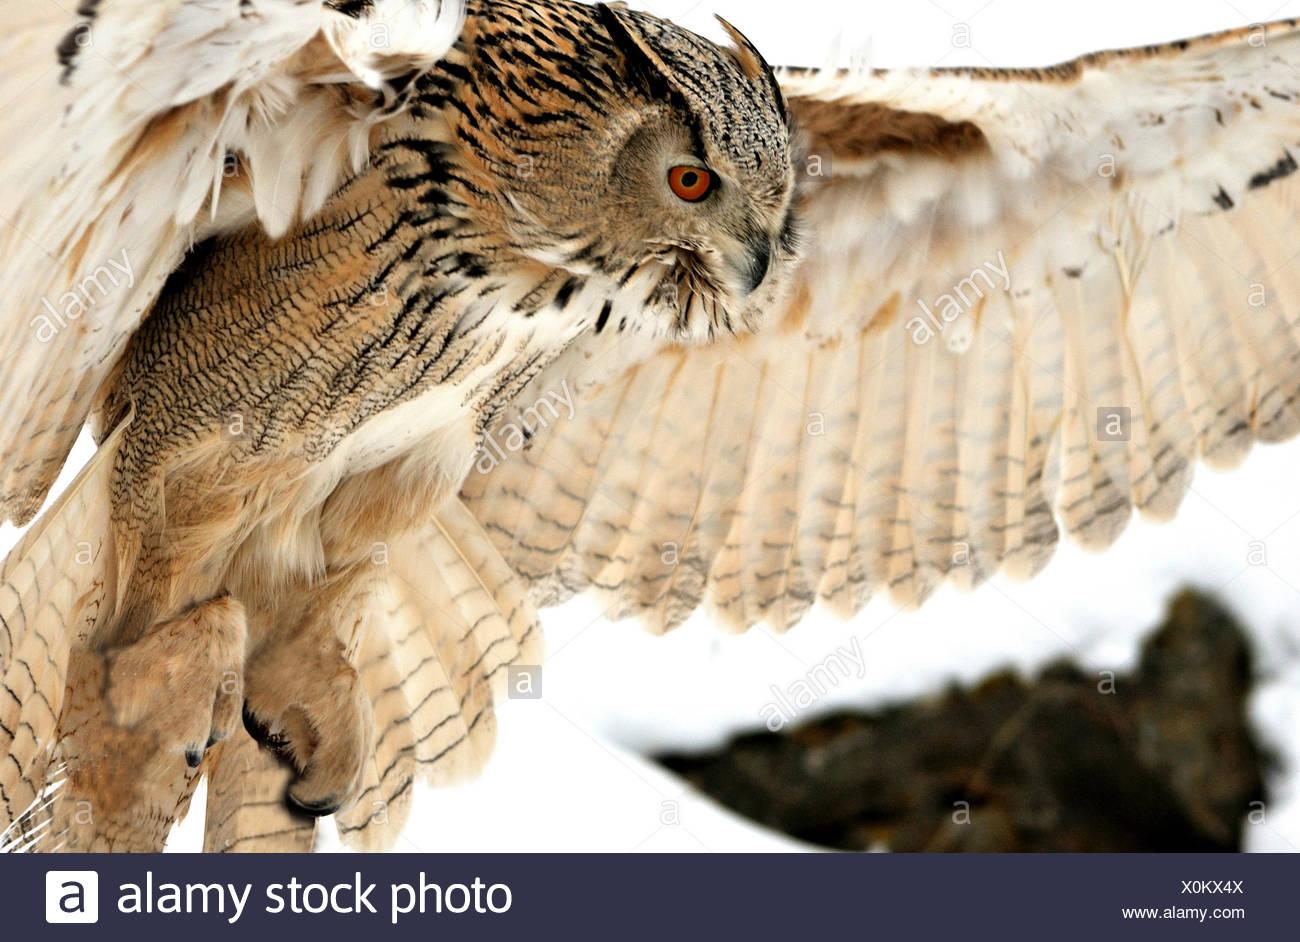 Lechuzas Lechuza Lechuza Bubo bubo sibiricus siberiano lechuzas como aves rapaces nocturnas bird raptor animal animales Alemania Europa, Imagen De Stock